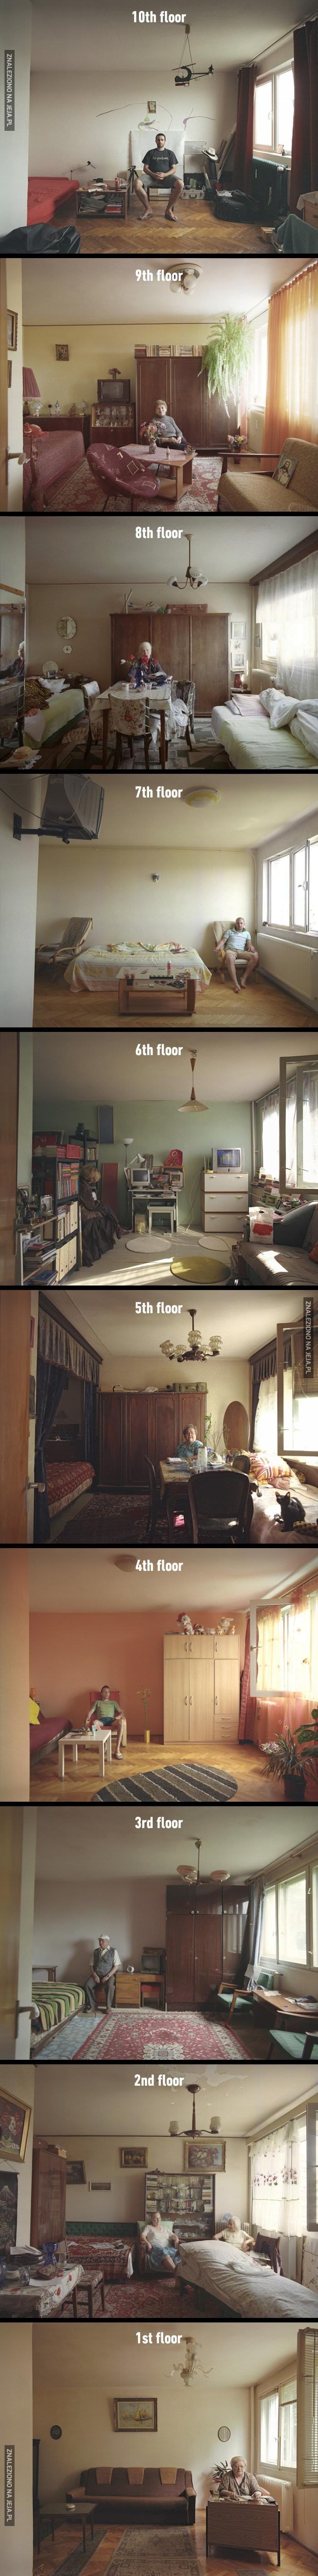 Jak żyją różni ludzie w identycznych mieszkaniach